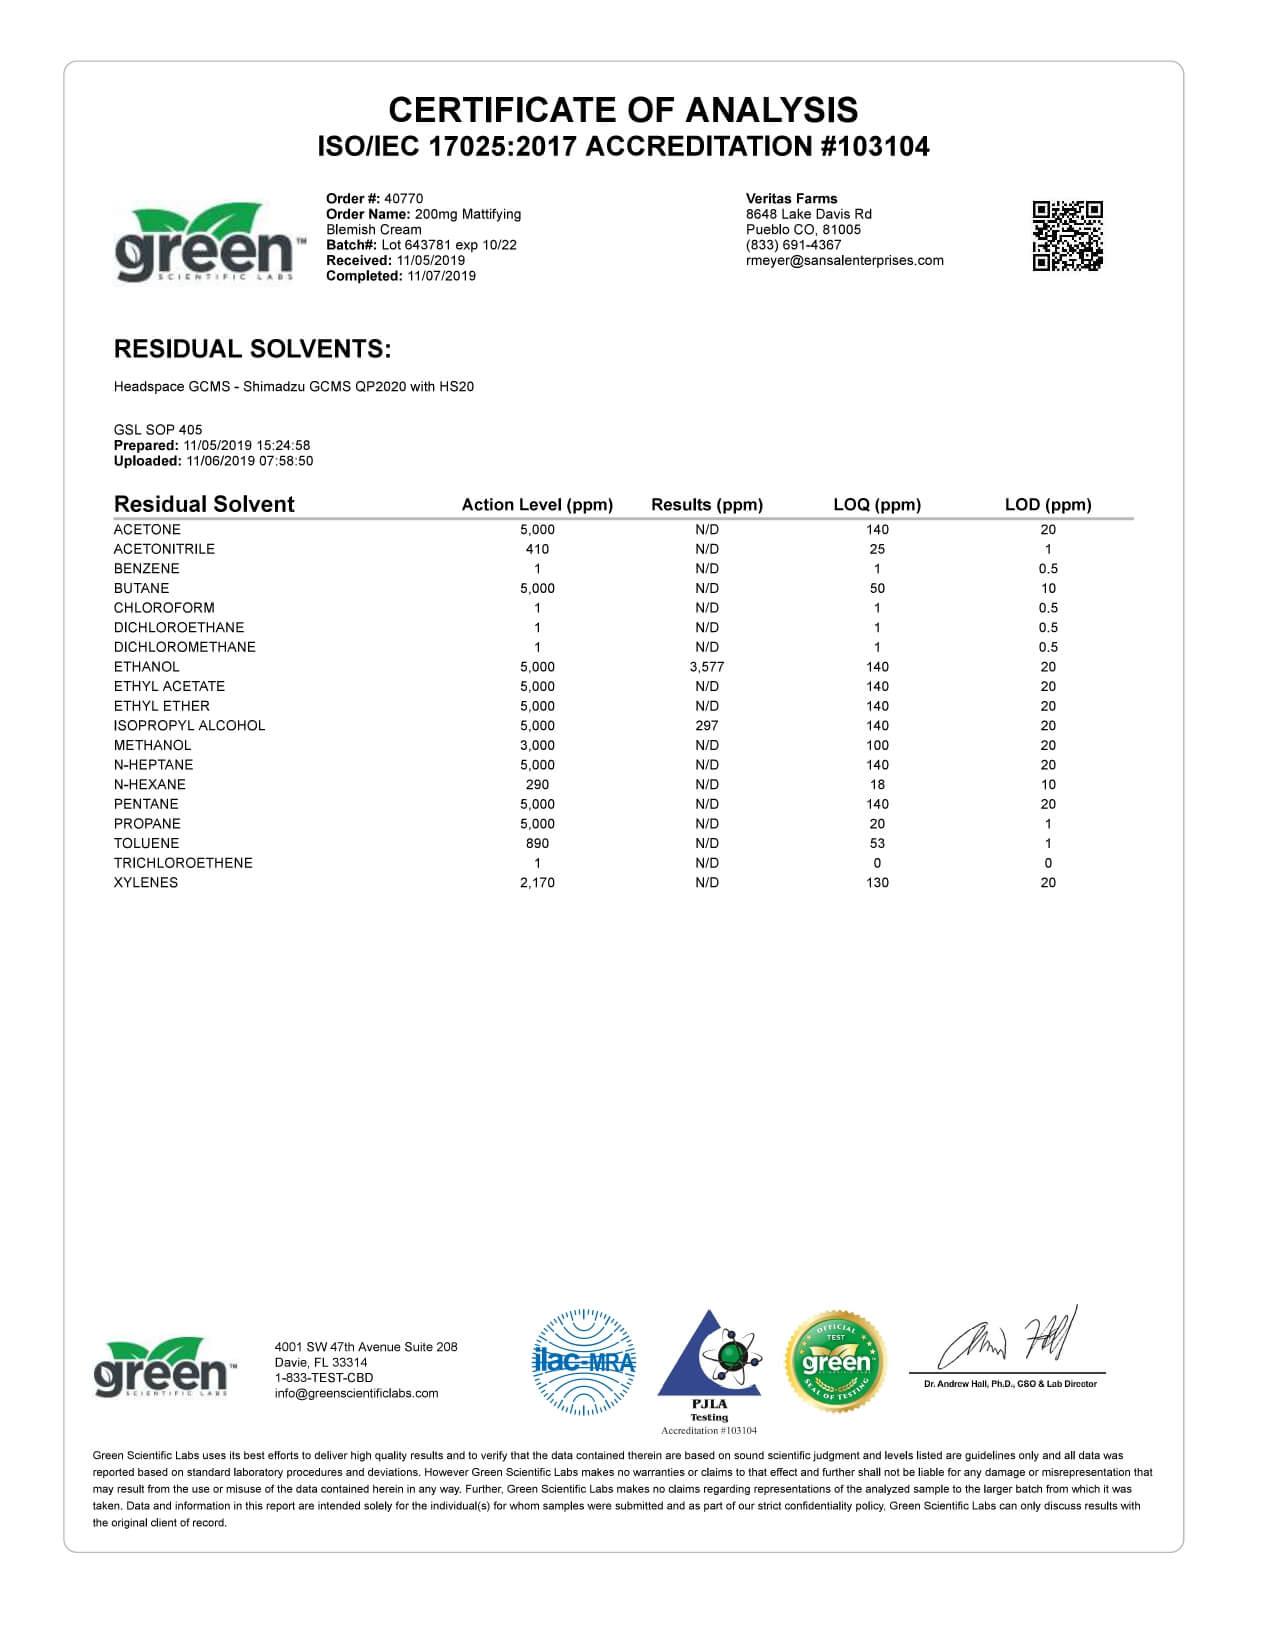 Veritas Farms CBD Topical Full Spectrum Mattifying Blemish Cream Lab Report